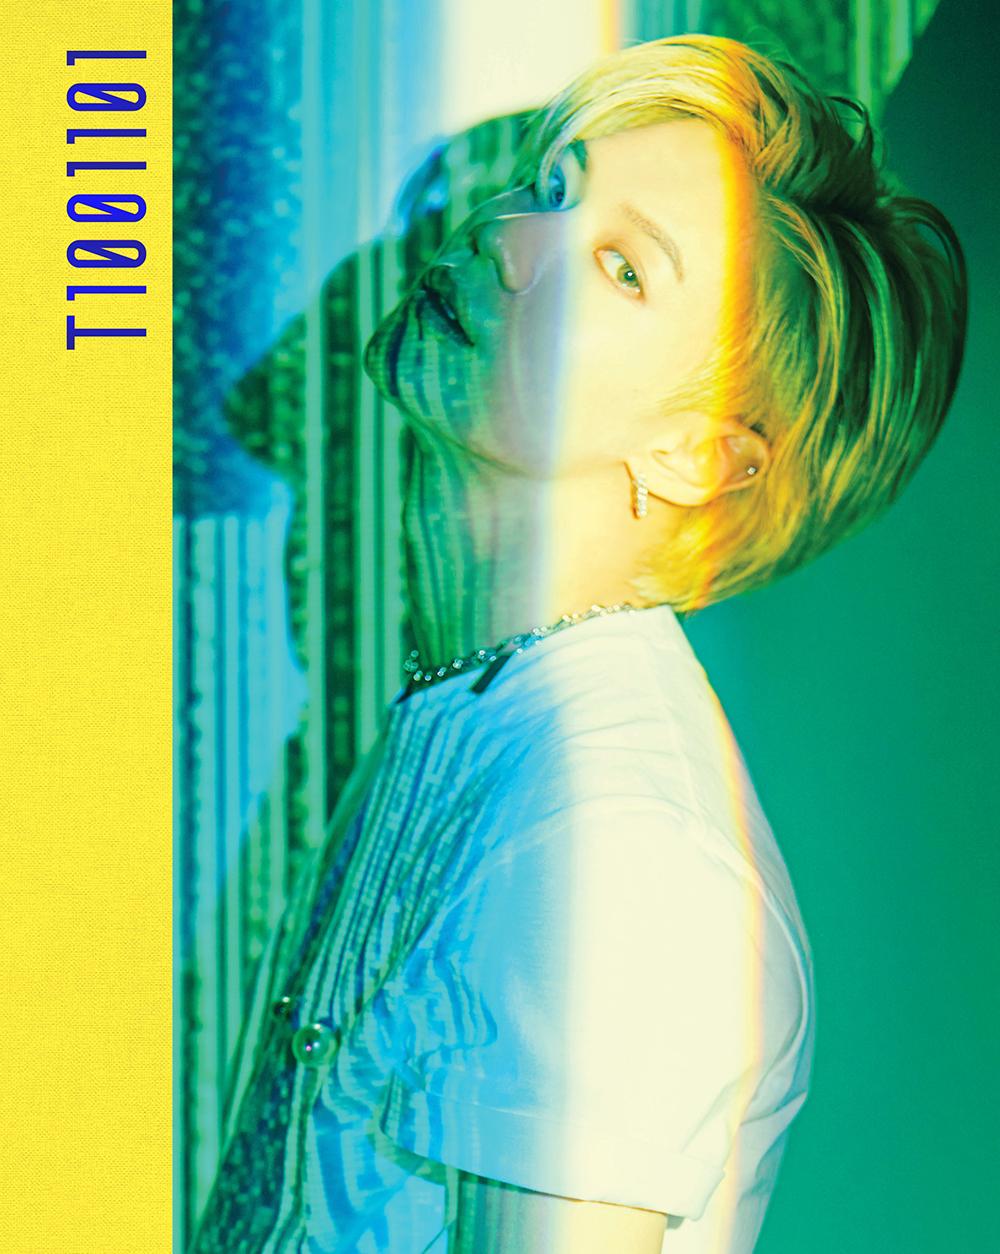 태민 단독 콘서트 T1001101 공연 화보집 표지 이미지.jpg